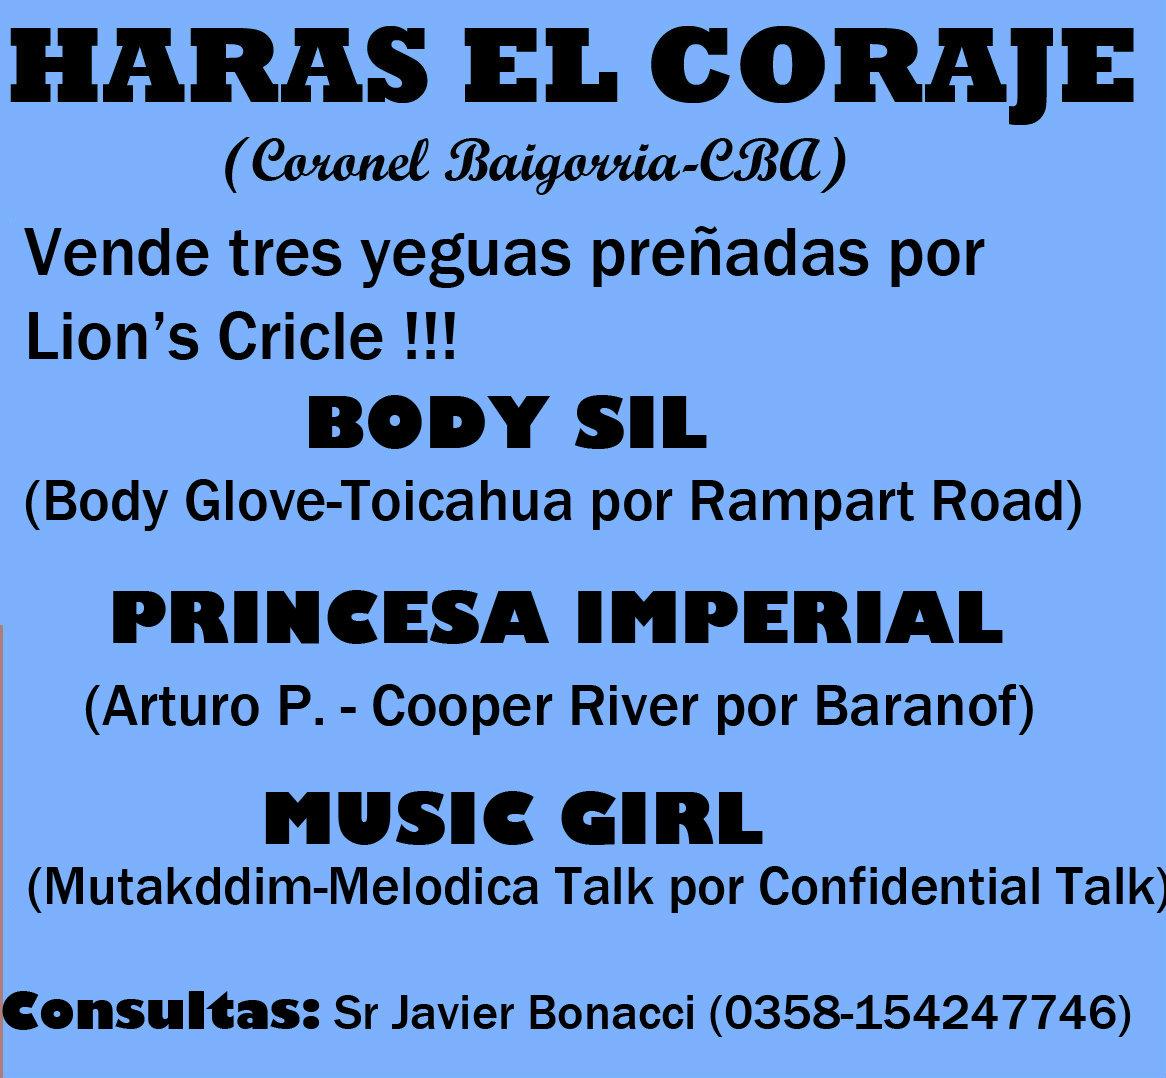 HS EL CORAJE YEGUAS MADRES